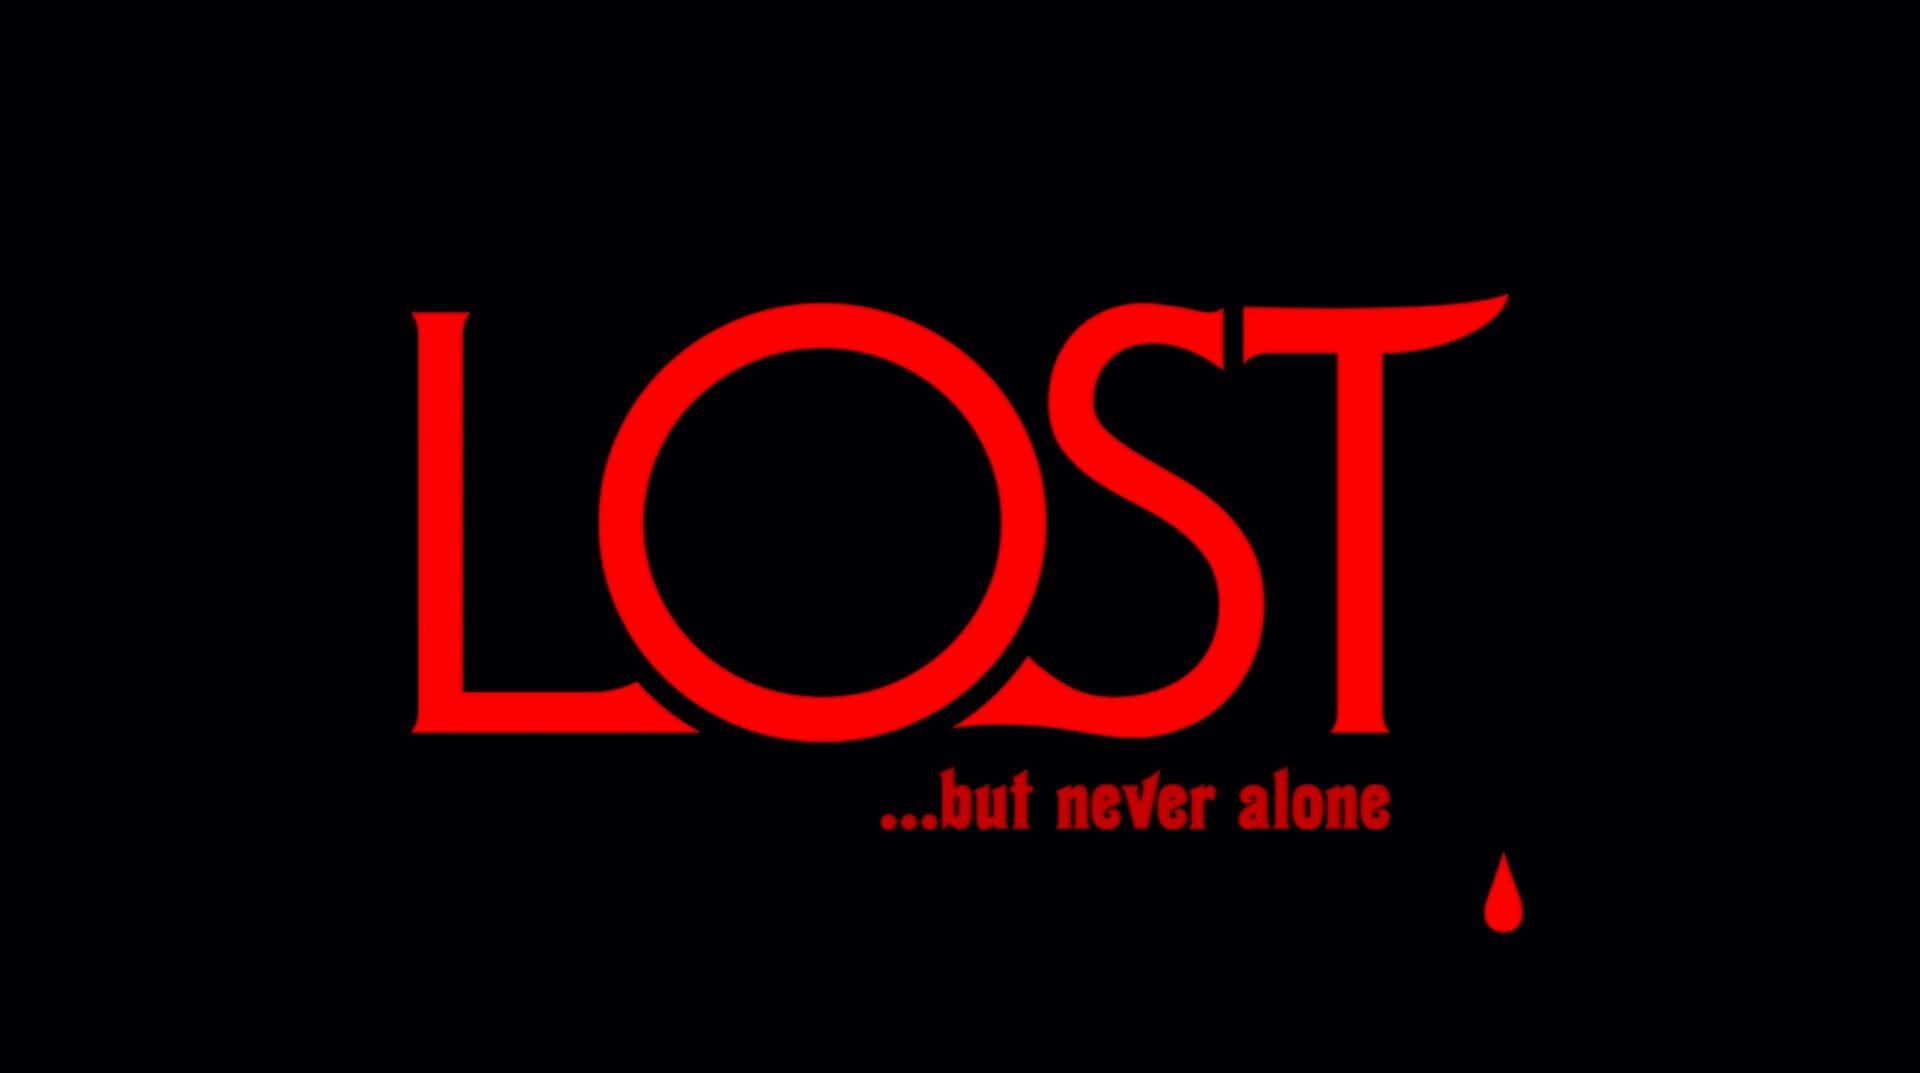 """Oneohtrix Point Never最新作より""""Lost But Never Alone""""のMVが公開!〈WARP〉の特別キャンペーンも実施中 music201113_opn_8-1920x1073"""